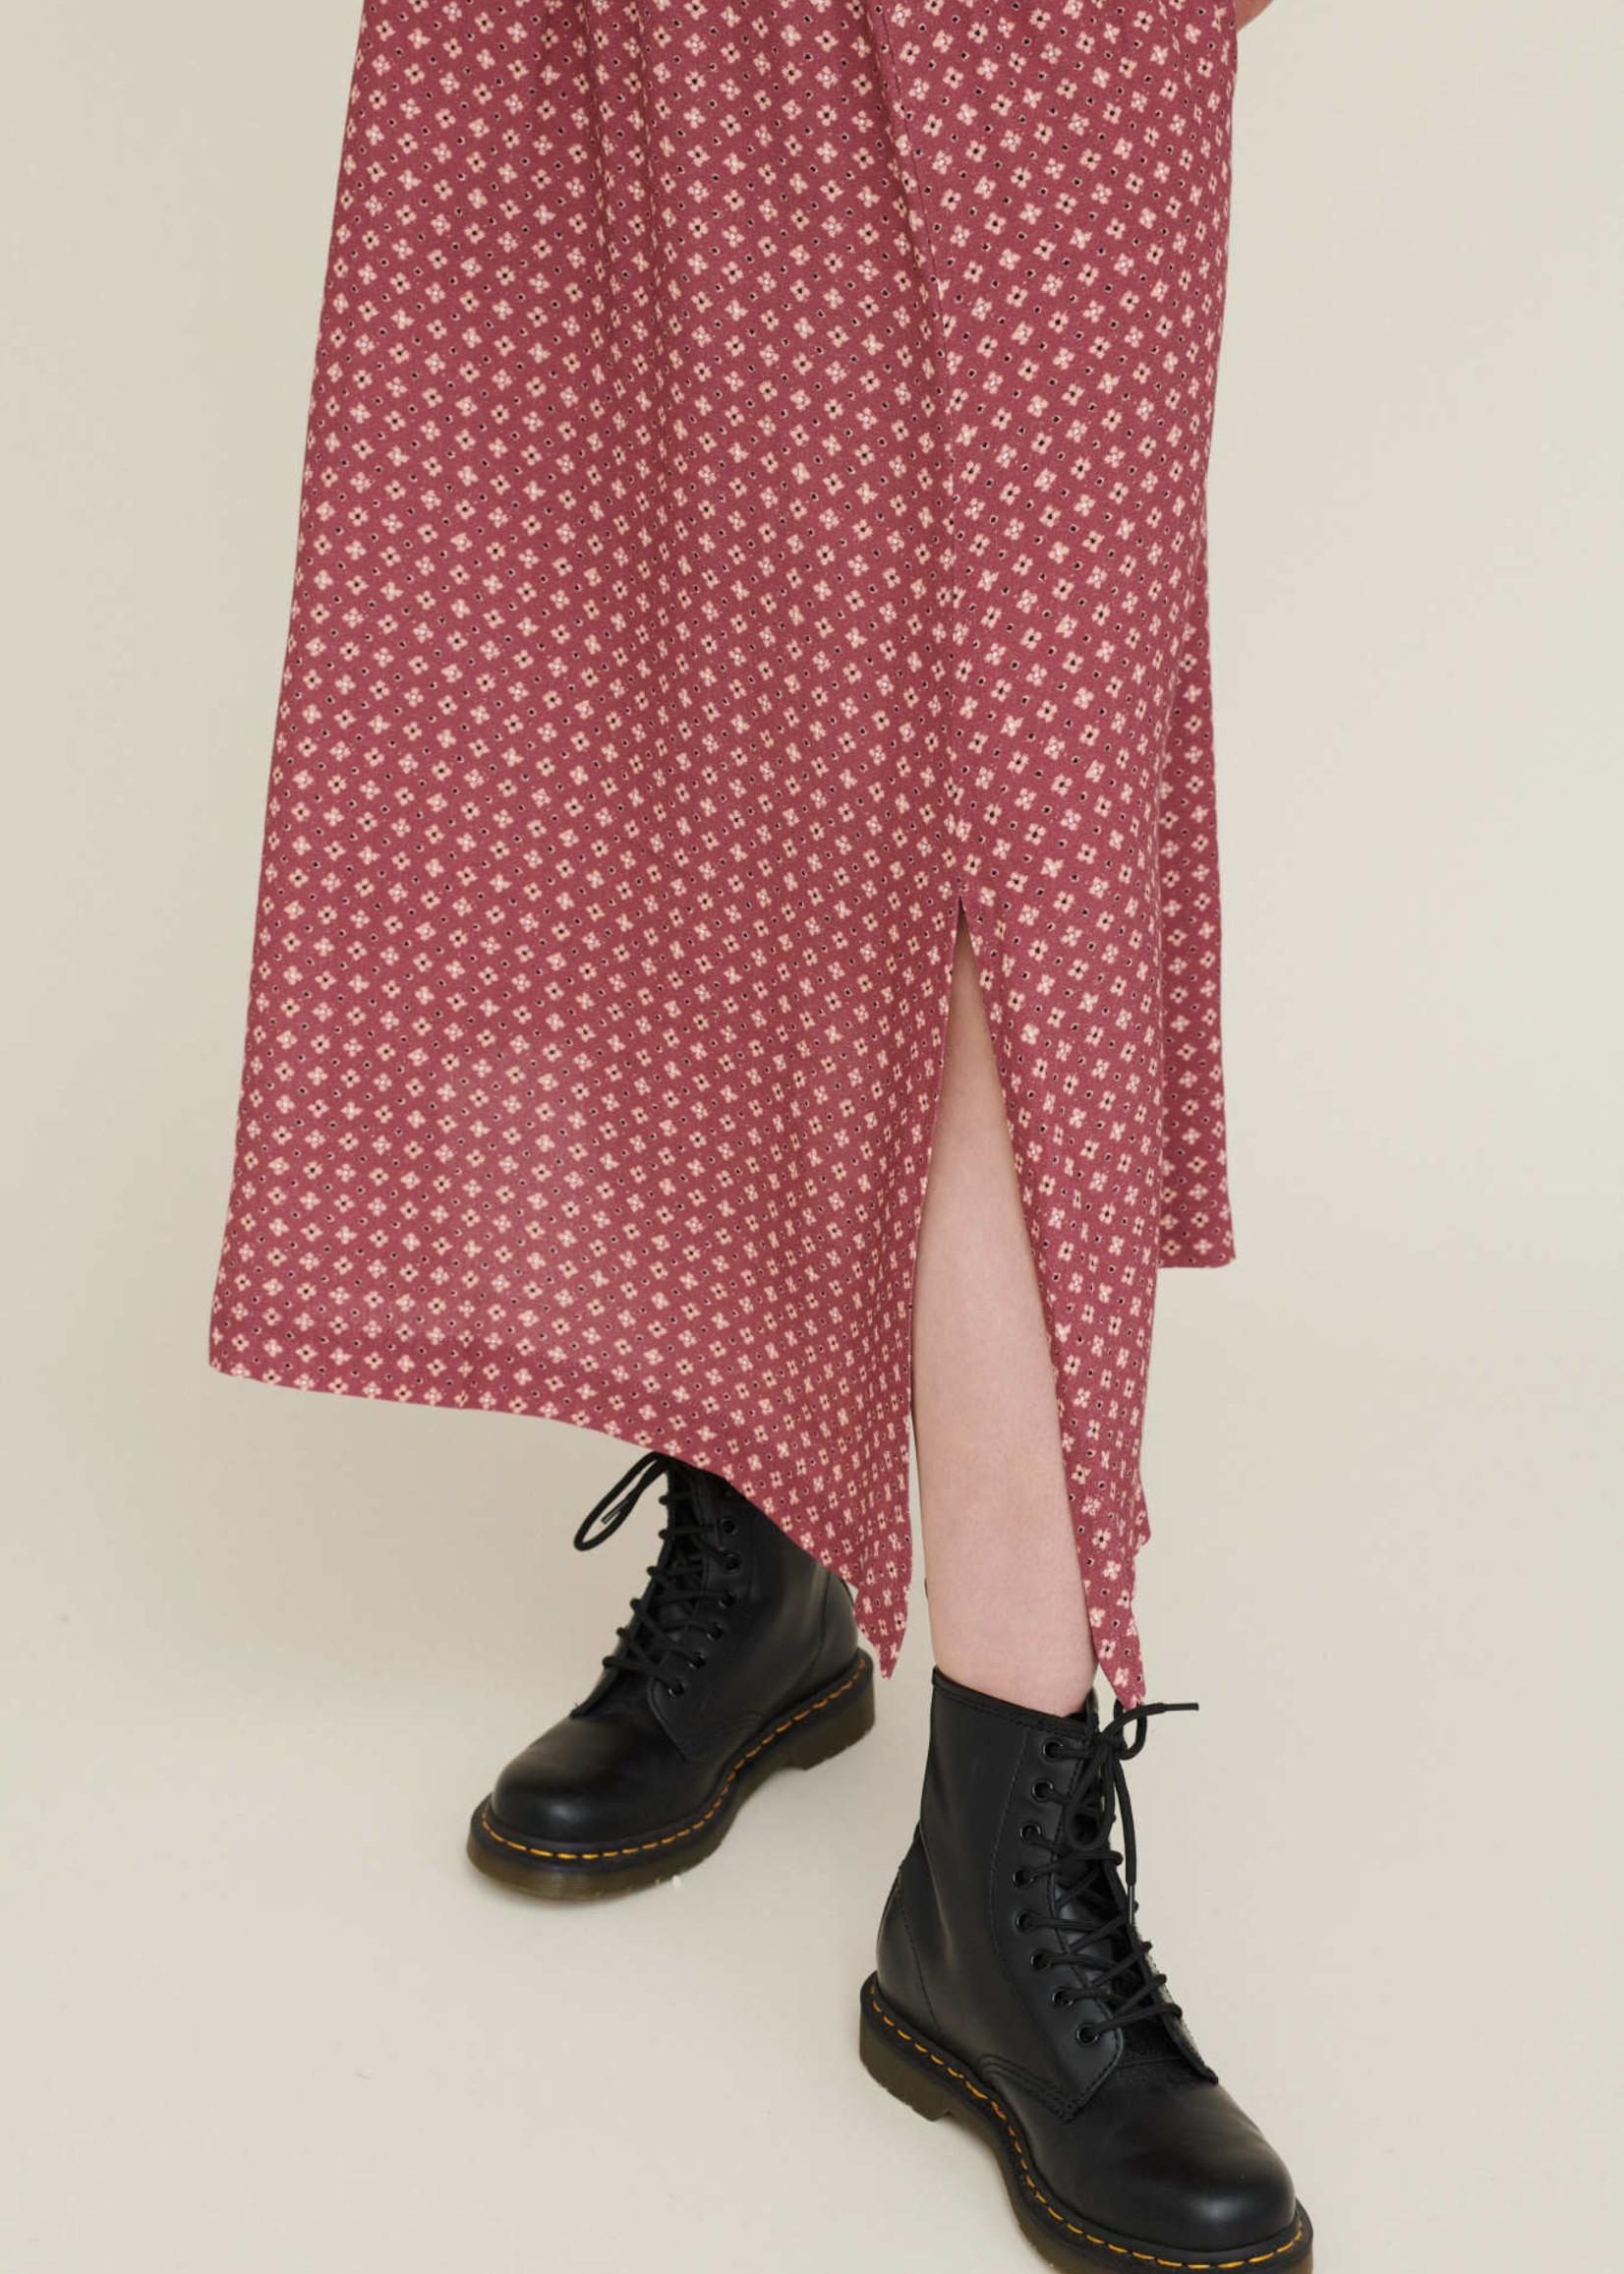 Basic Apparel Debbie Skirt